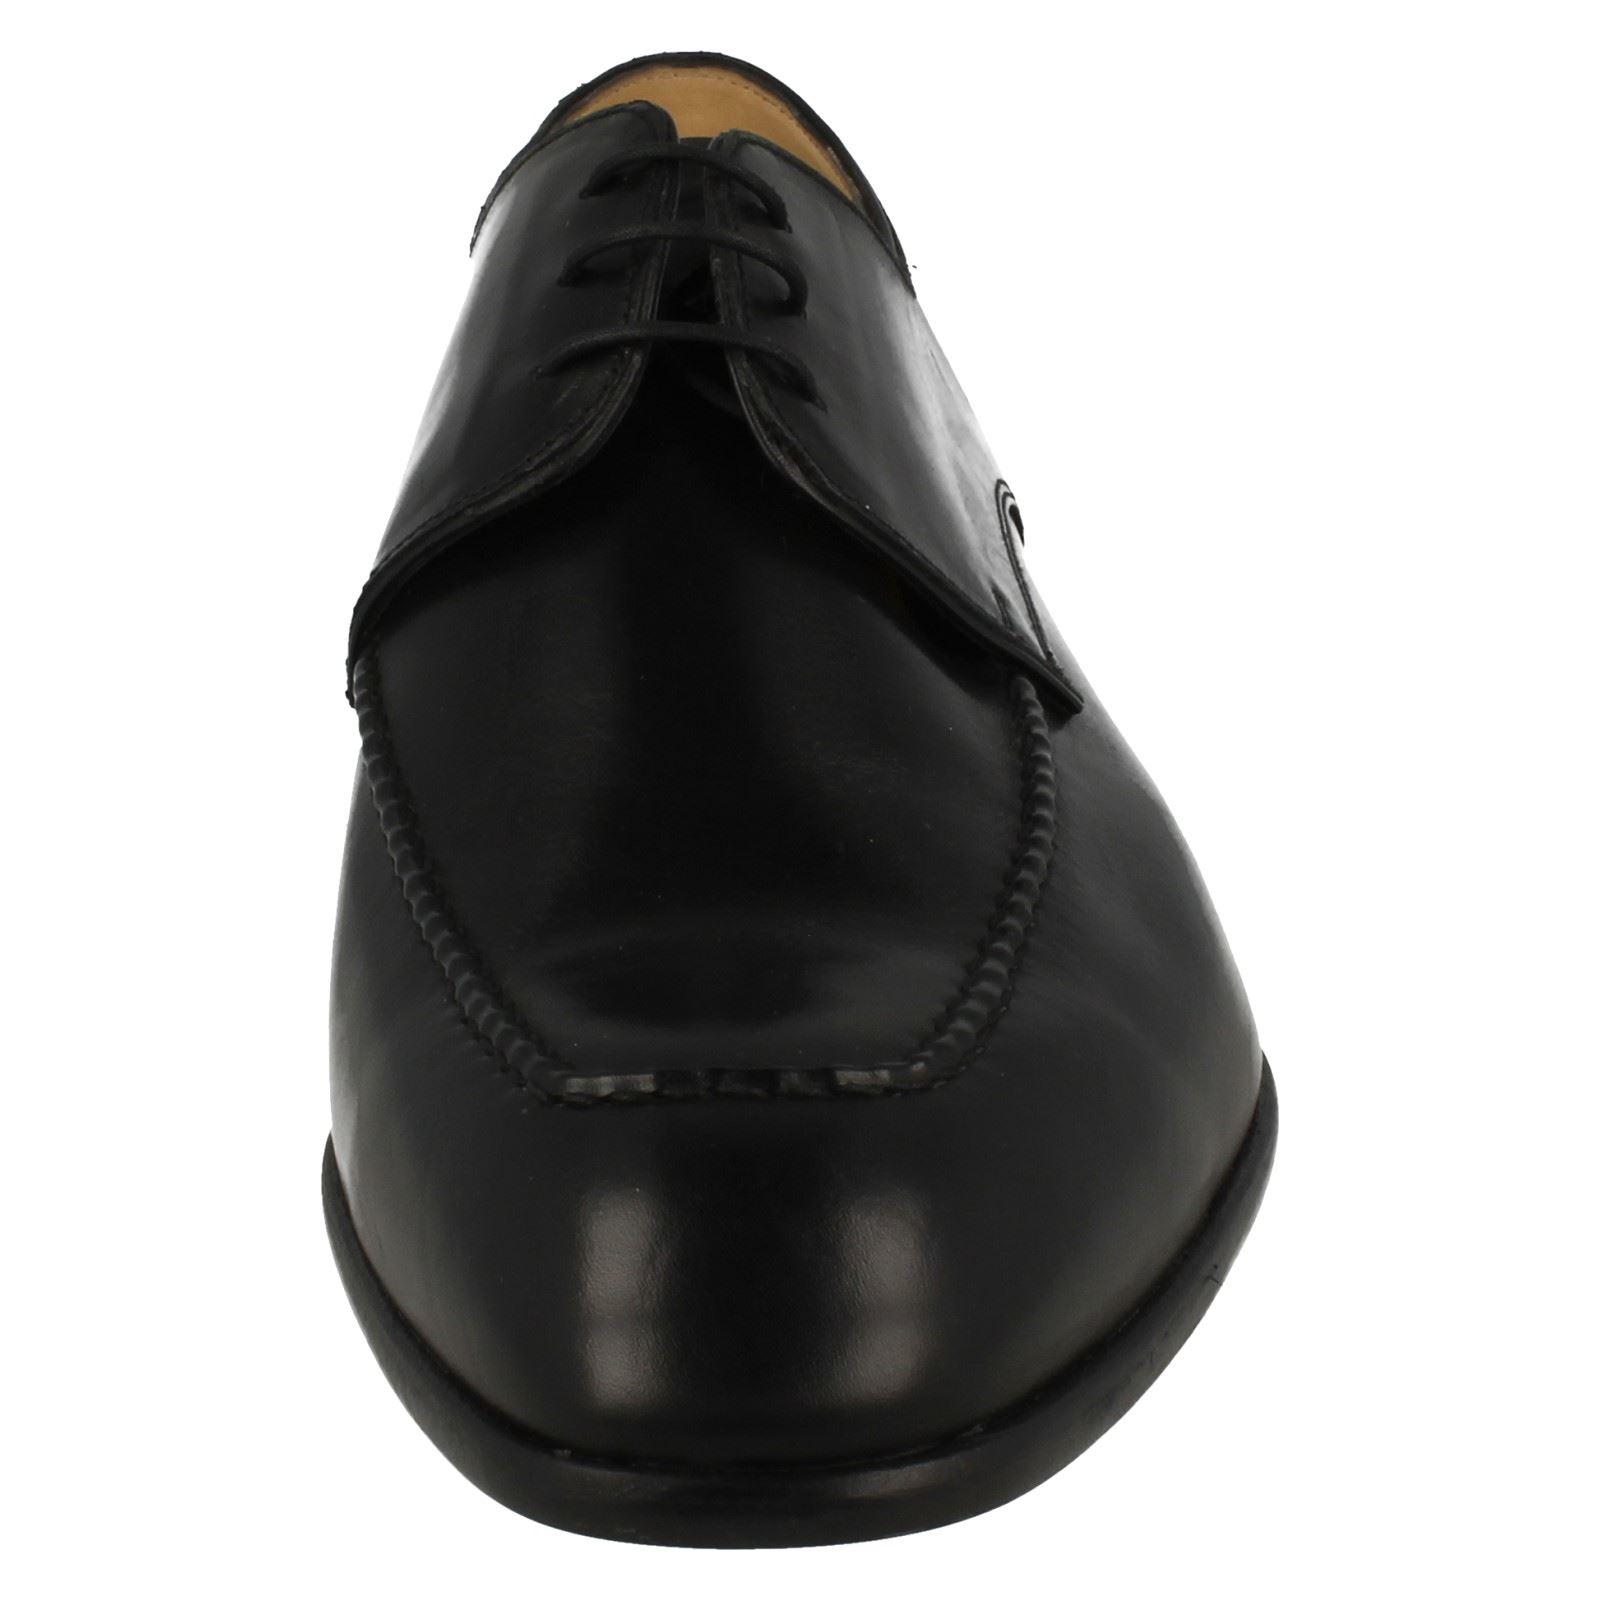 Uomo Grenson Textile Schuhes Detailed Schuhes Textile 'Brent' e30951